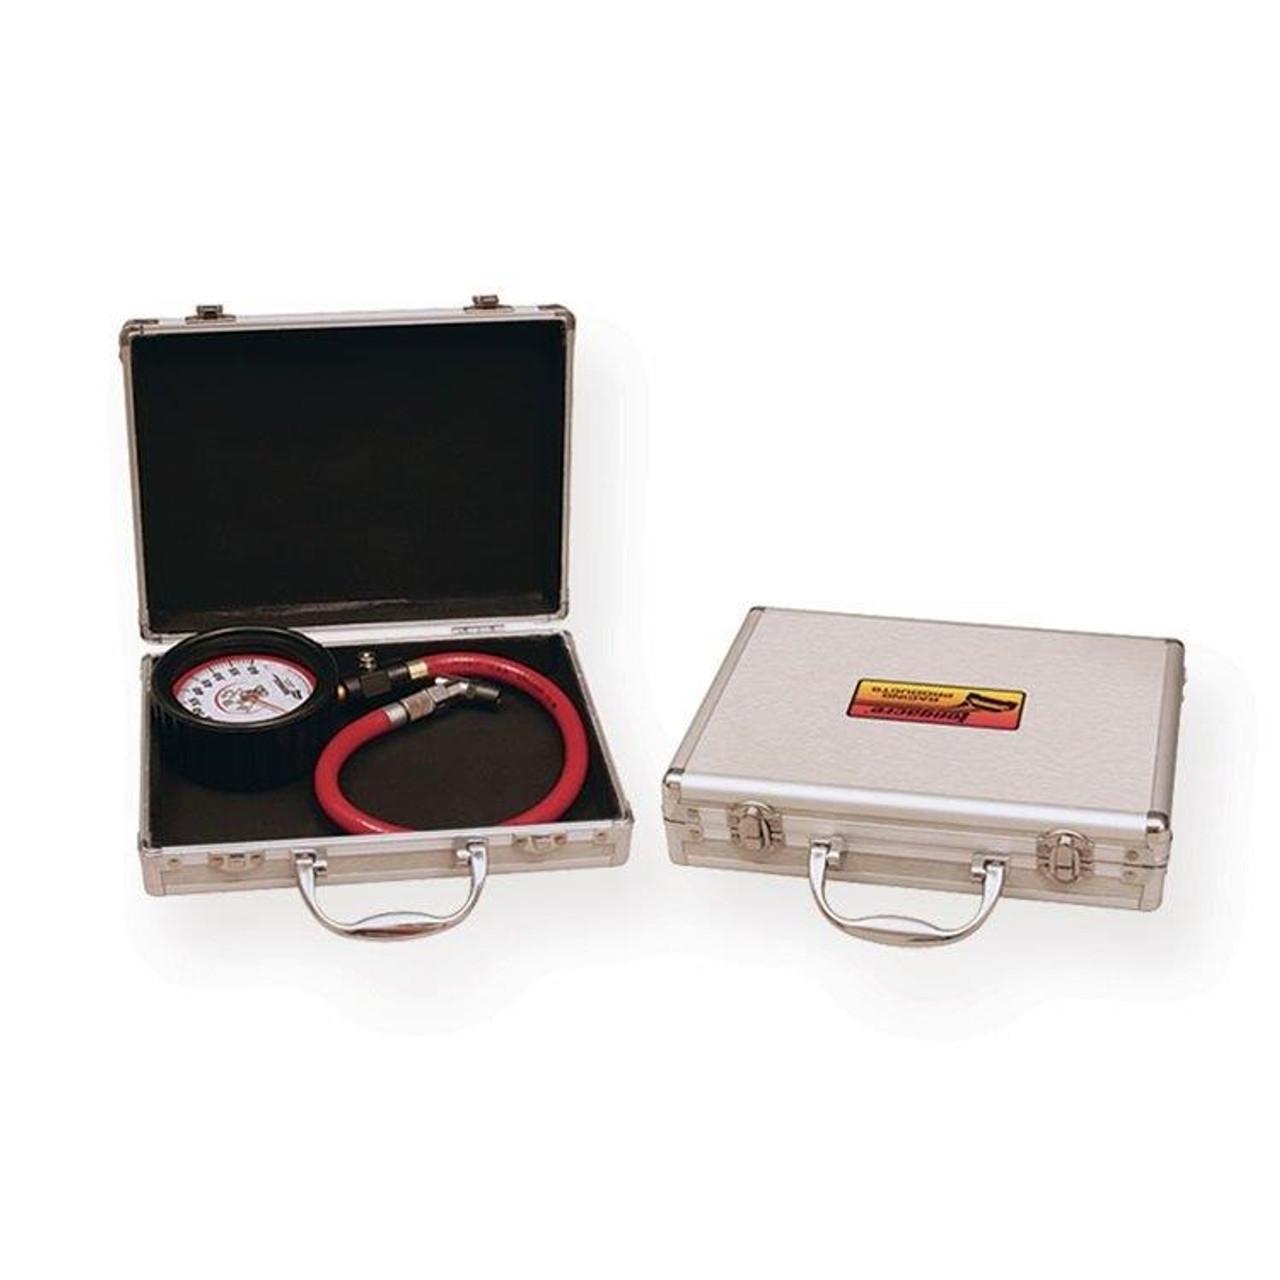 """Magnum™ 3 ½"""" GID Tire Gauge 0-30 by ¼ lb Longacre 52-52021"""